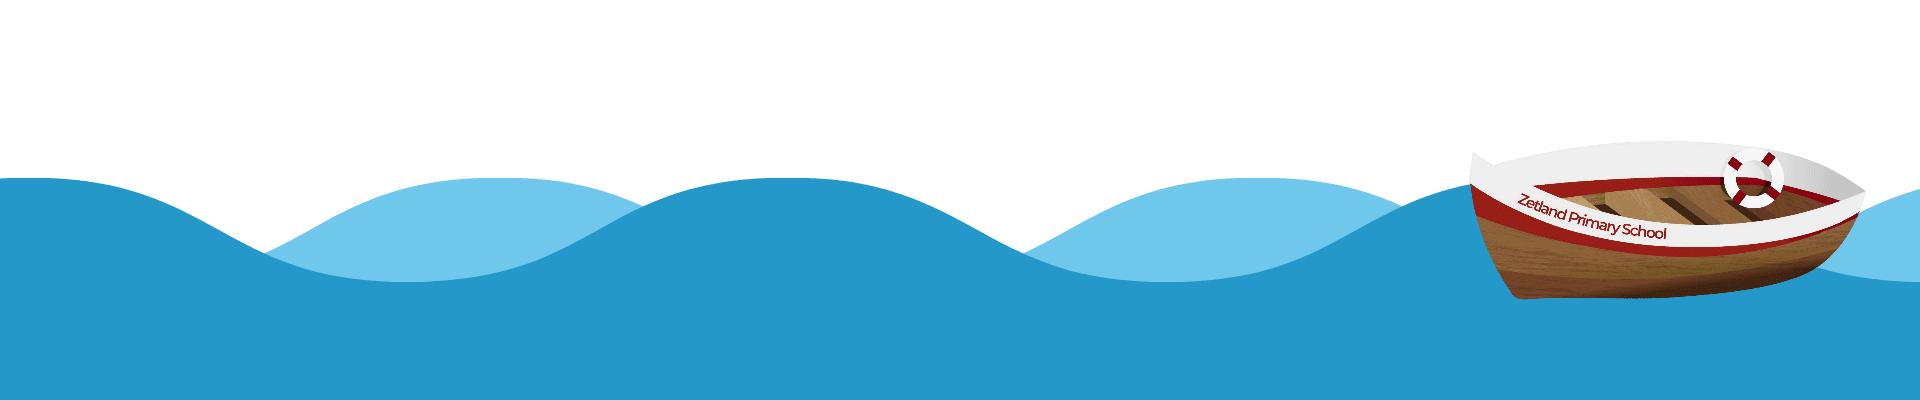 Zetland Wave